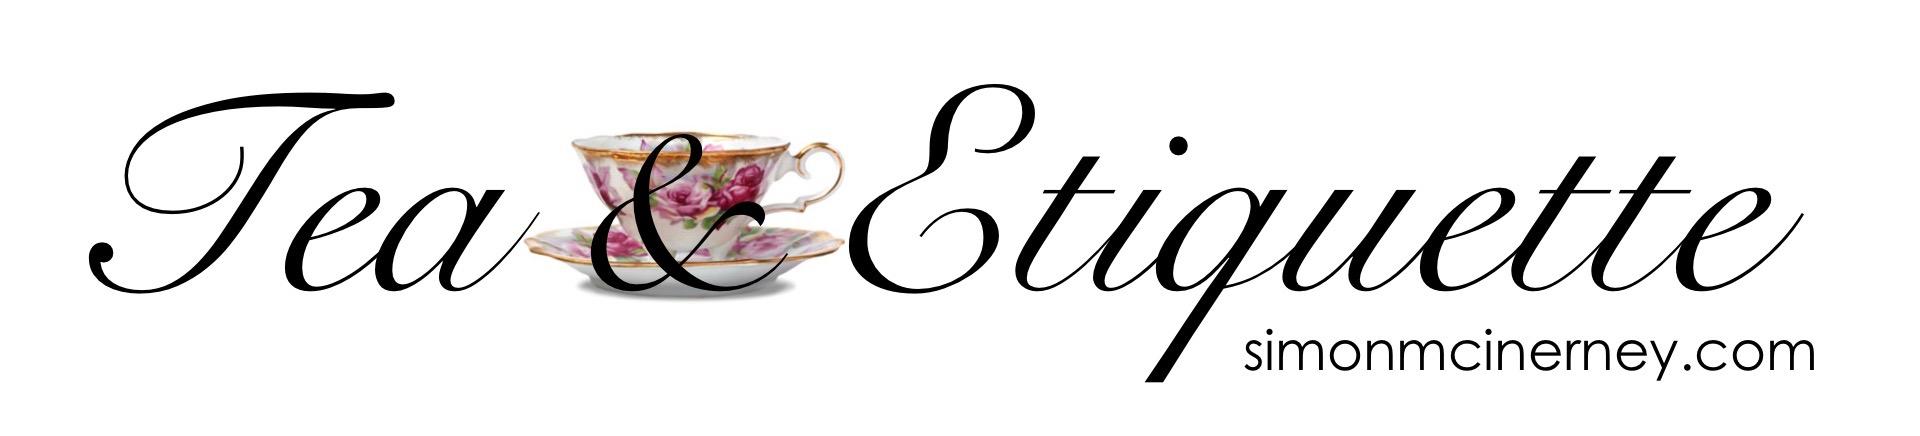 Tea & Etiquette LOGO 3.jpg